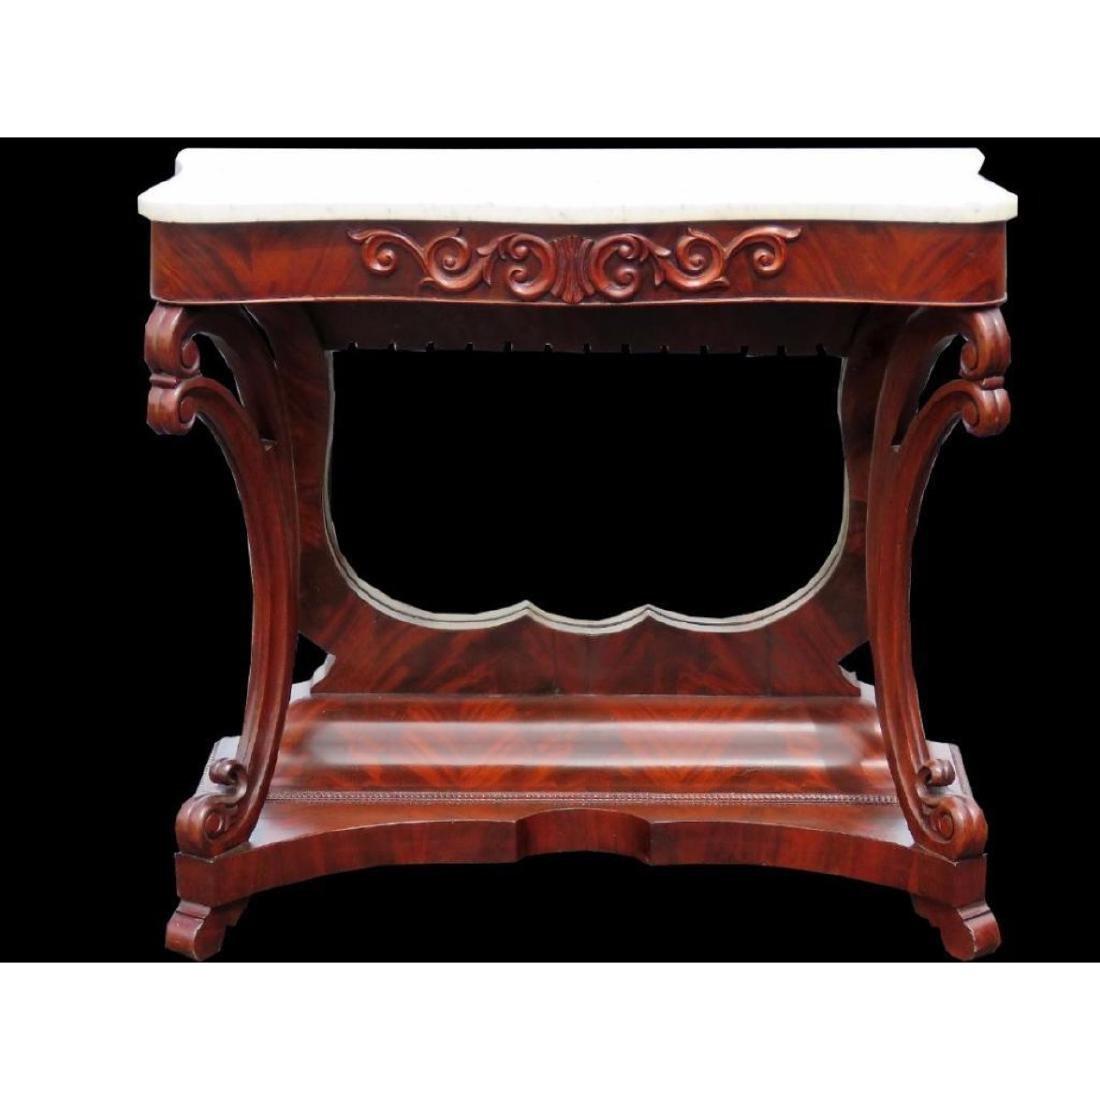 Empire Mahogany Marbletop Console Table - 2